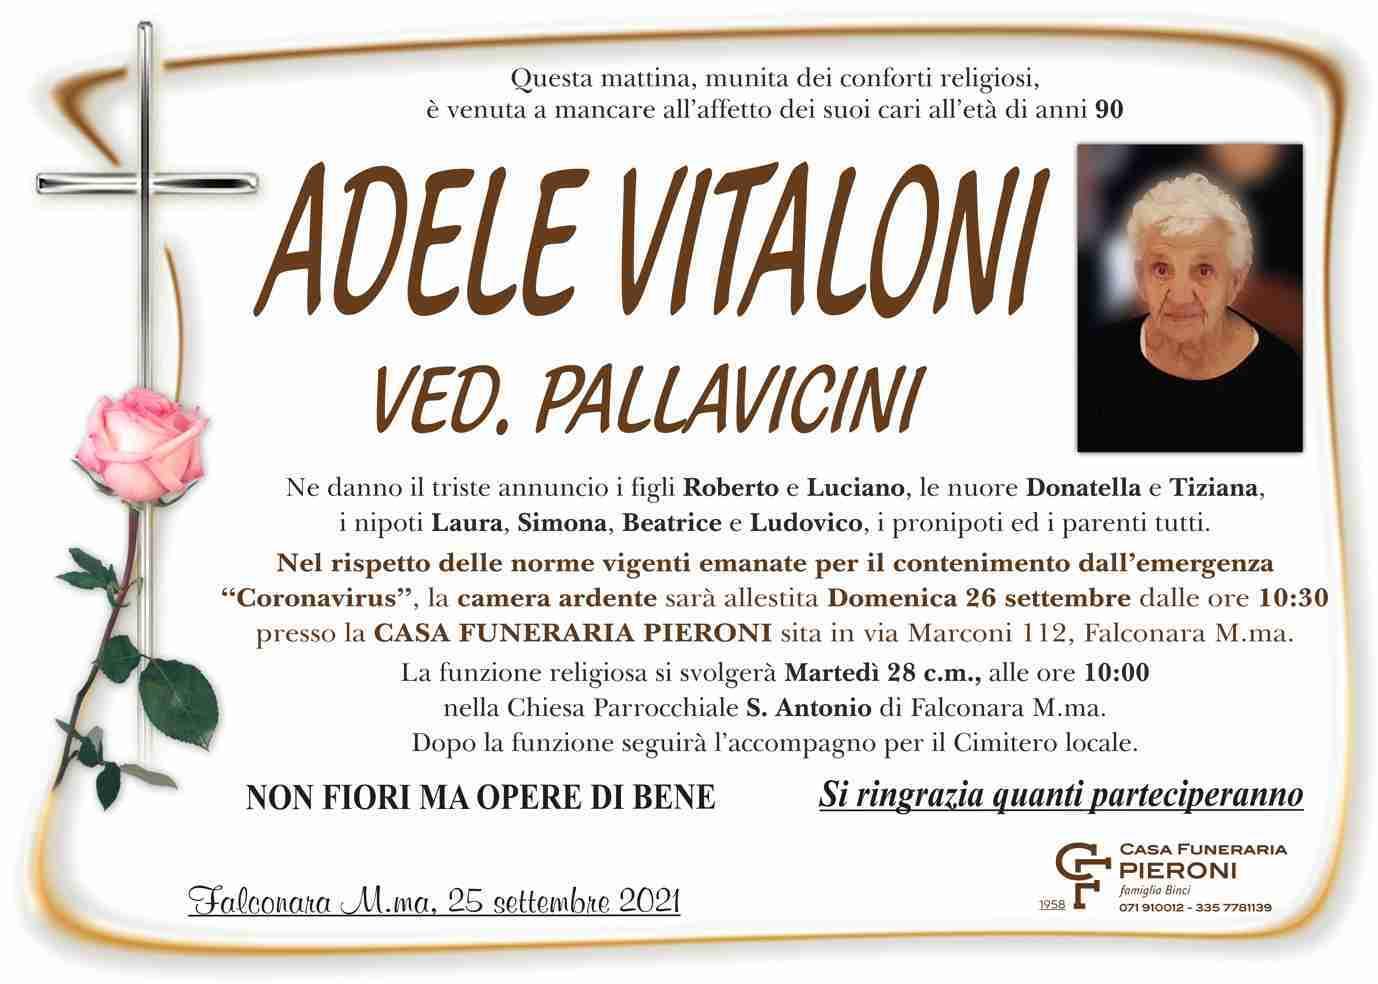 Adele Vitaloni